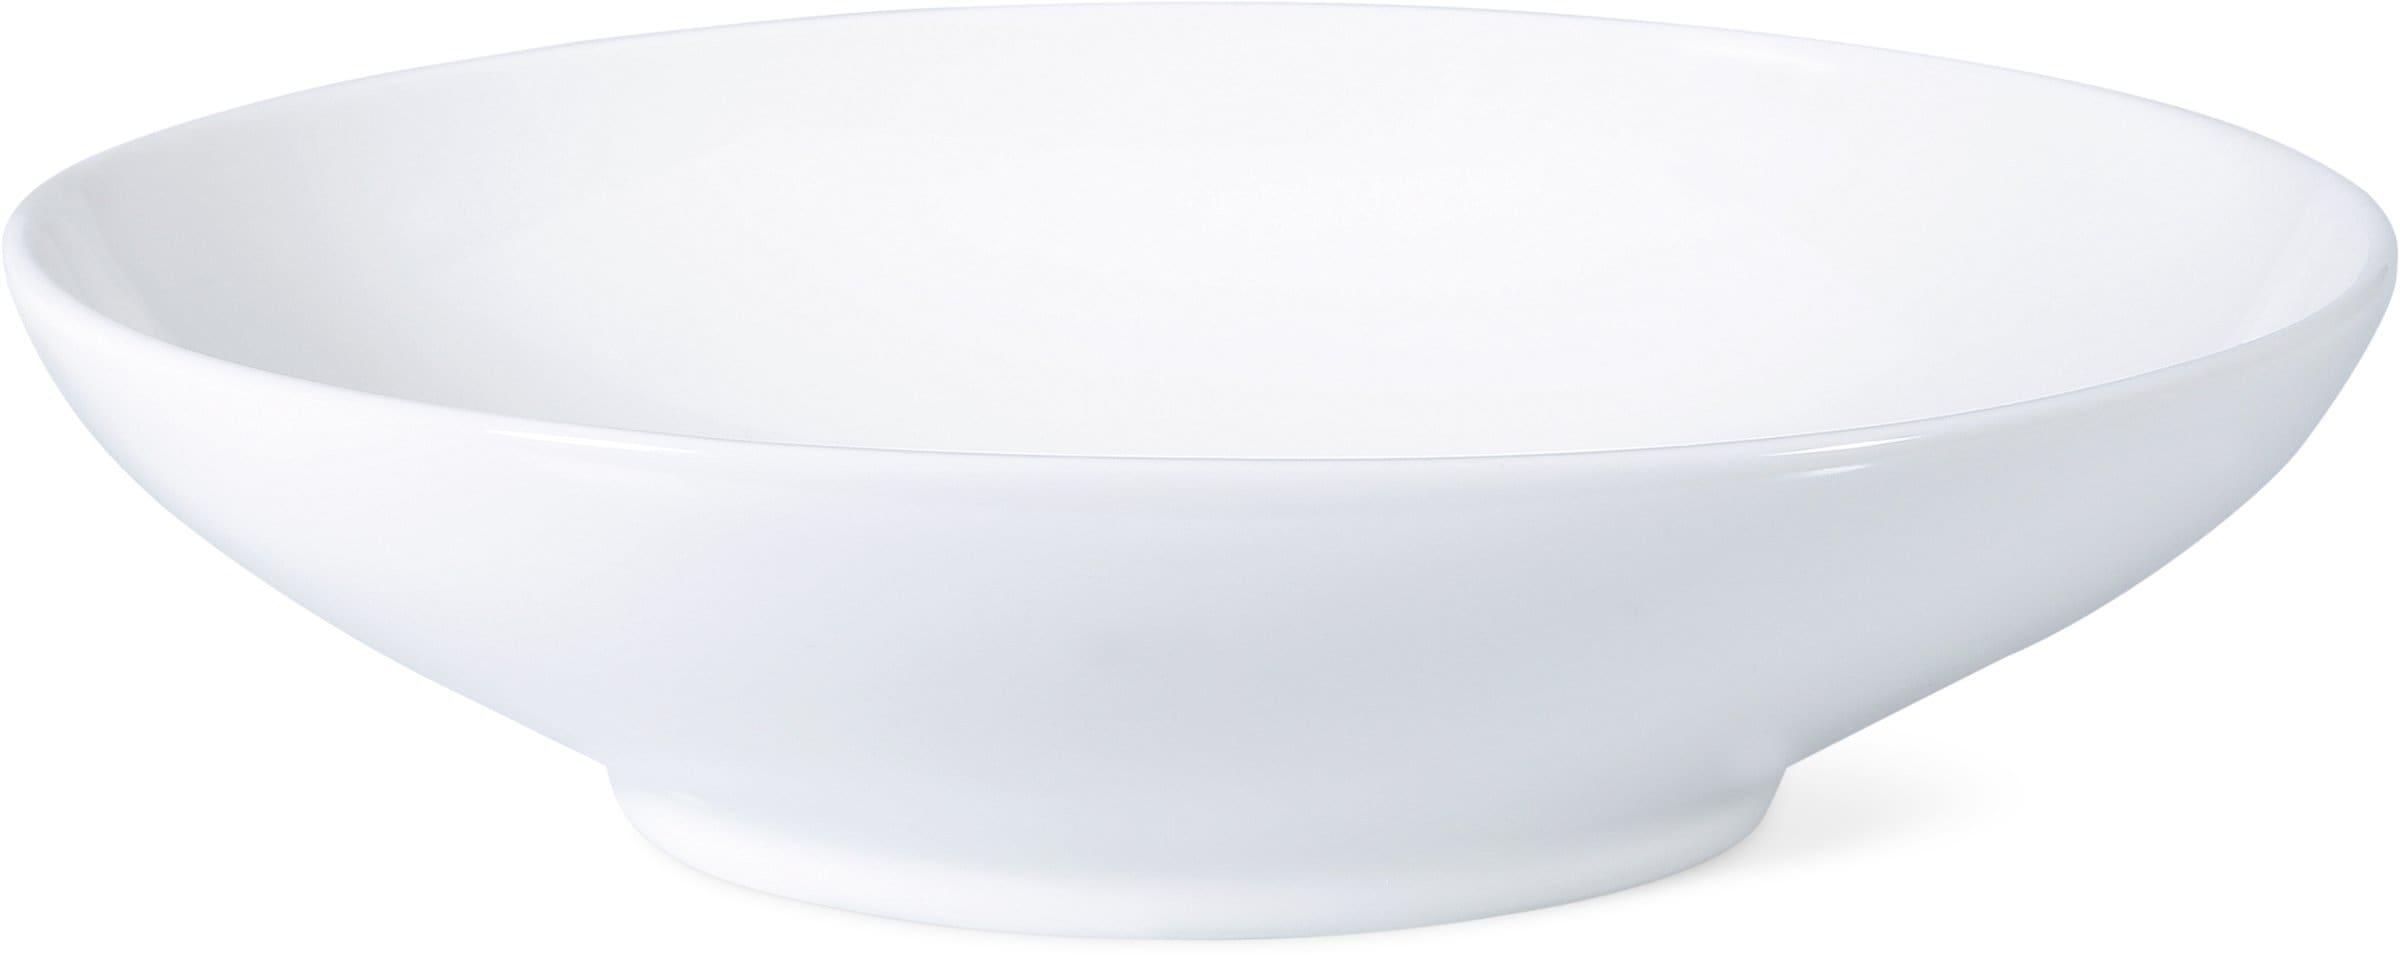 Cucina & Tavola PURE Barguette 21x16.5cm